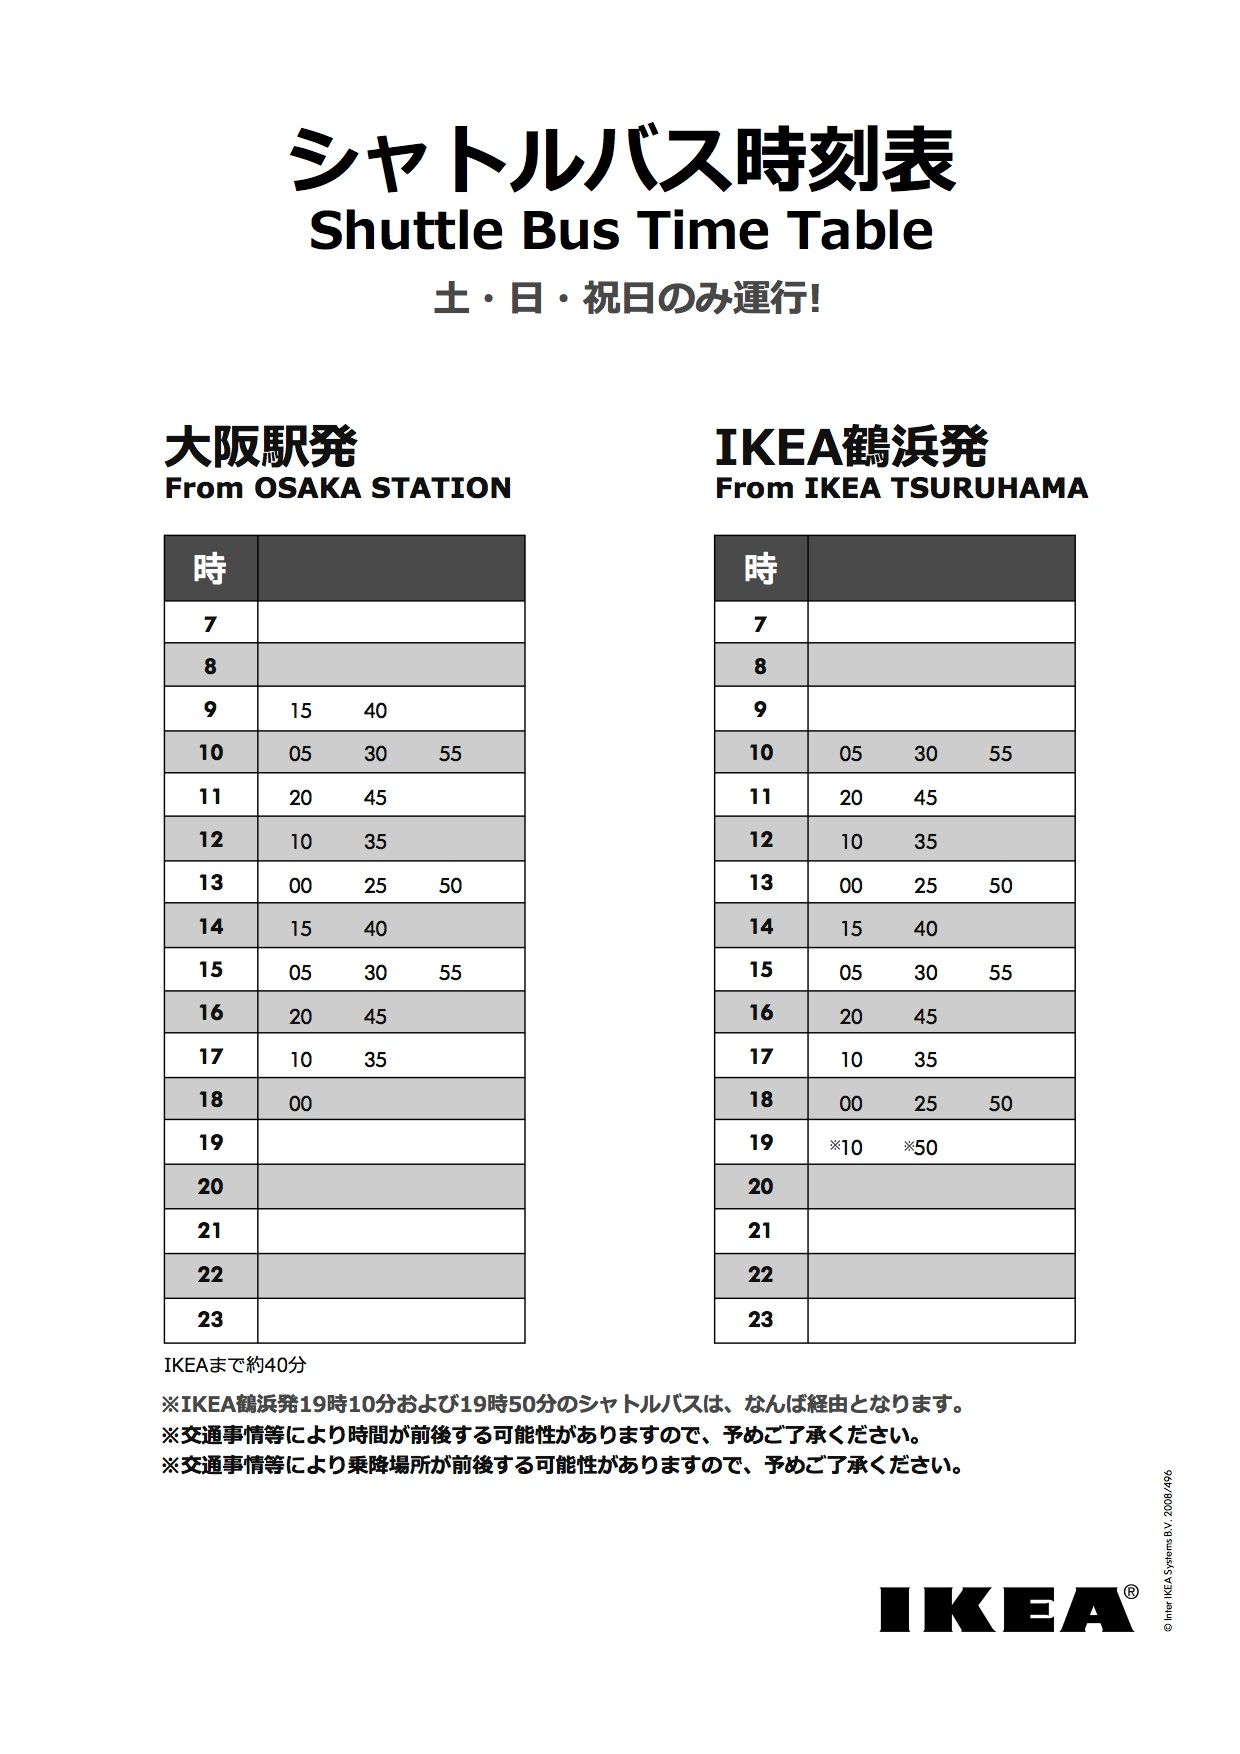 大阪 無料シャトルバス 時刻表_b0054727_19282375.jpg